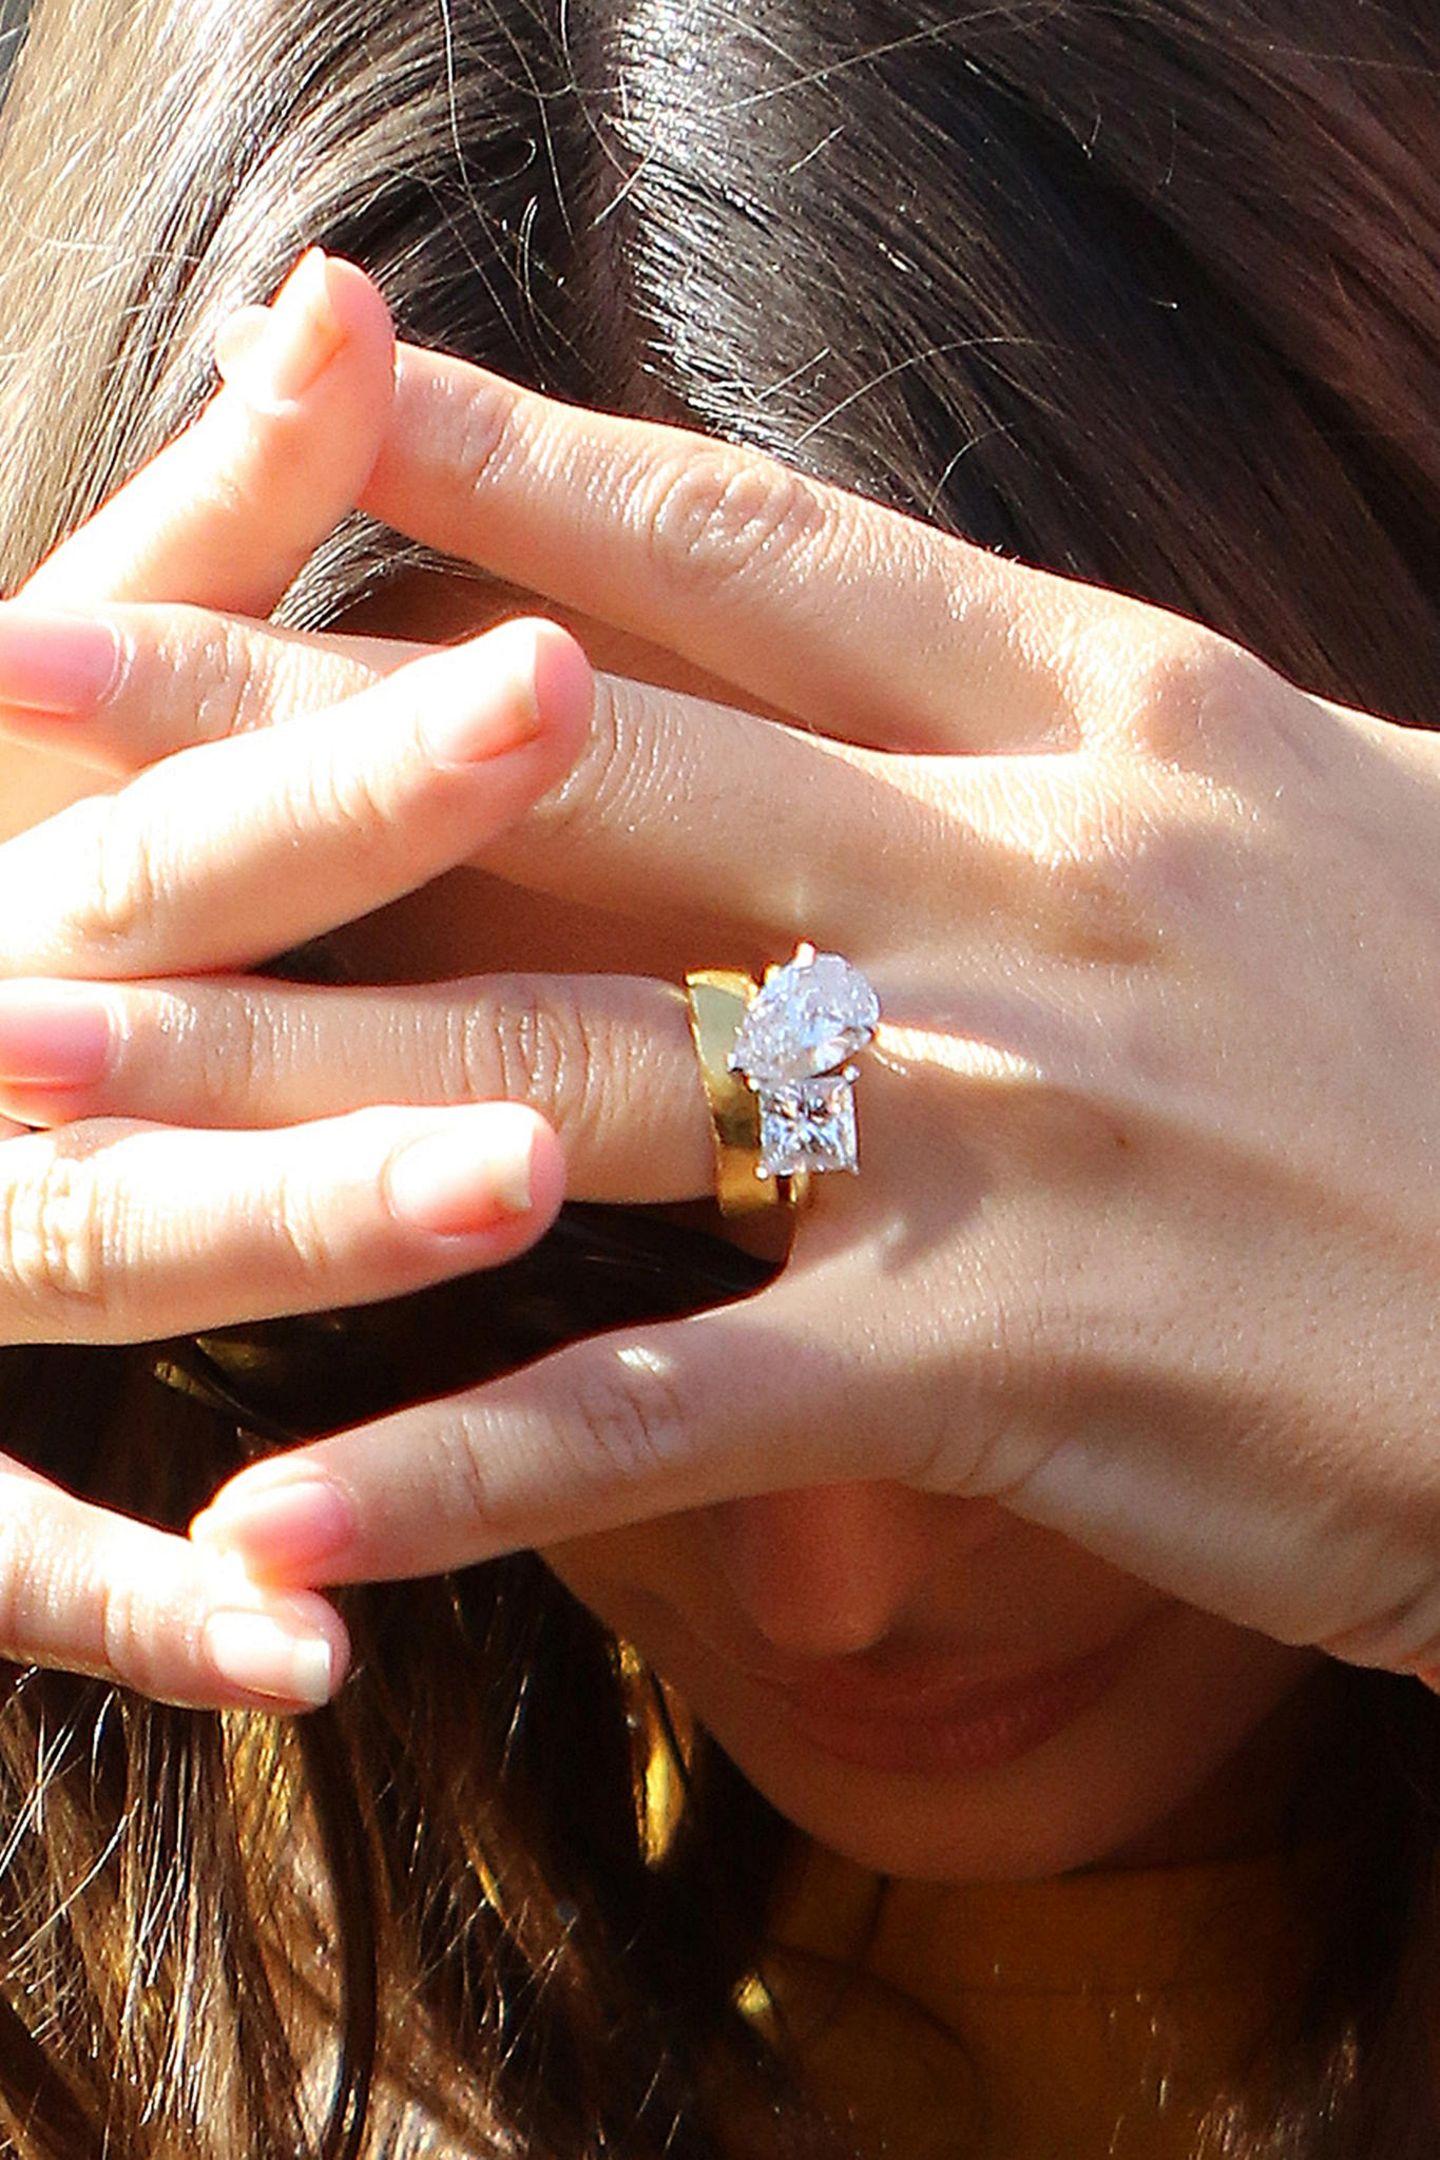 Emily ist zwar schon seit einigen Monatenverheiratet, ihren Ring aus Gold und zwei hochkarätigen Diamanten, den sie selbst entworfen hat, zeigt sie aber immer noch allzu gern. Und in der Sonne funkelt der Klunker auch ganz besonders schön